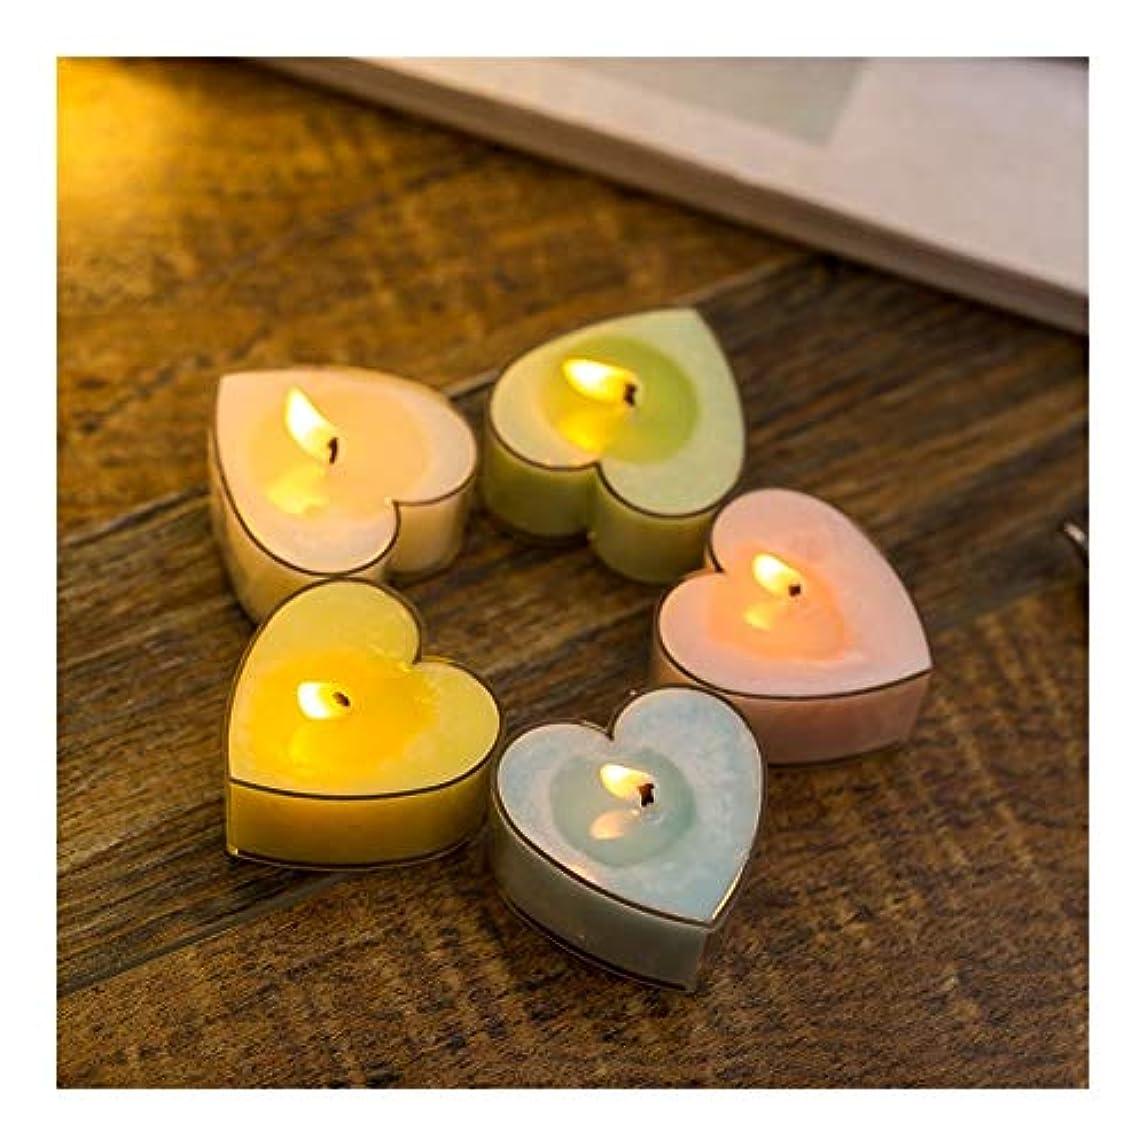 機構コック堀Guomao 家の多彩なモモの中心の香料入りの蝋燭のカップルの悪いギフトの小さい蝋燭 (色 : Marriage)